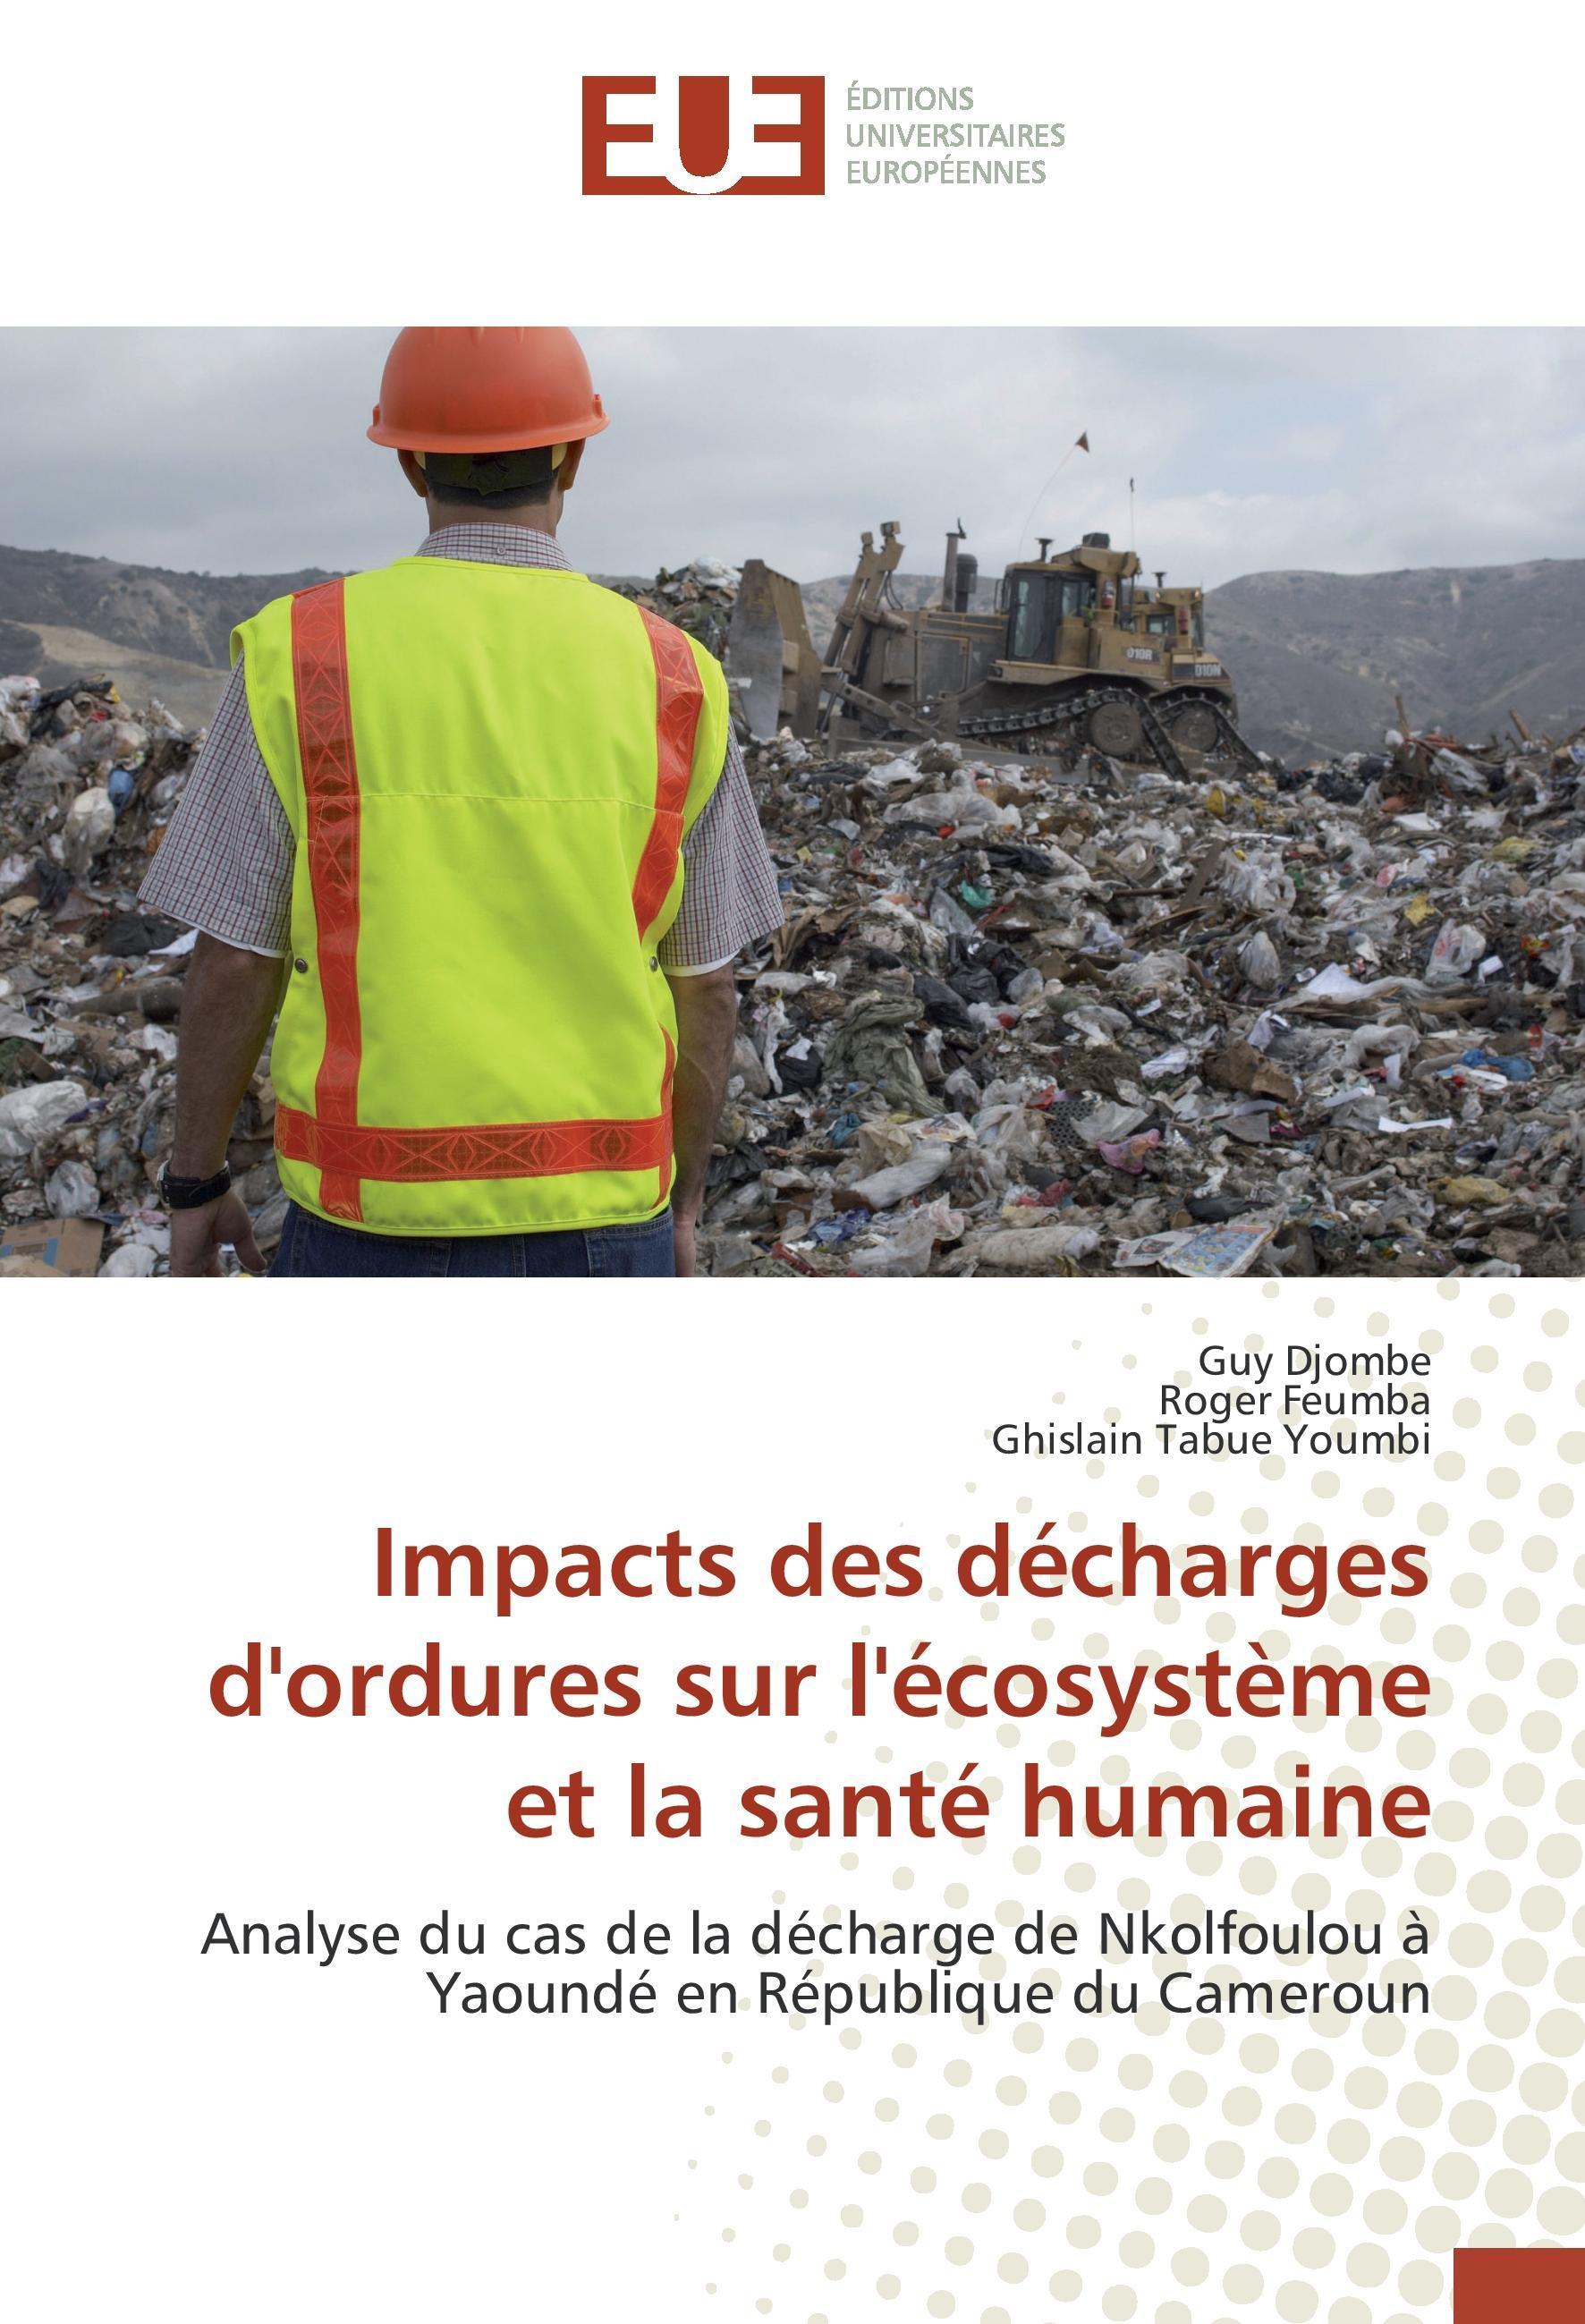 Impacts des décharges d'ordures sur l'écosystème et la santé ... 9783841666239